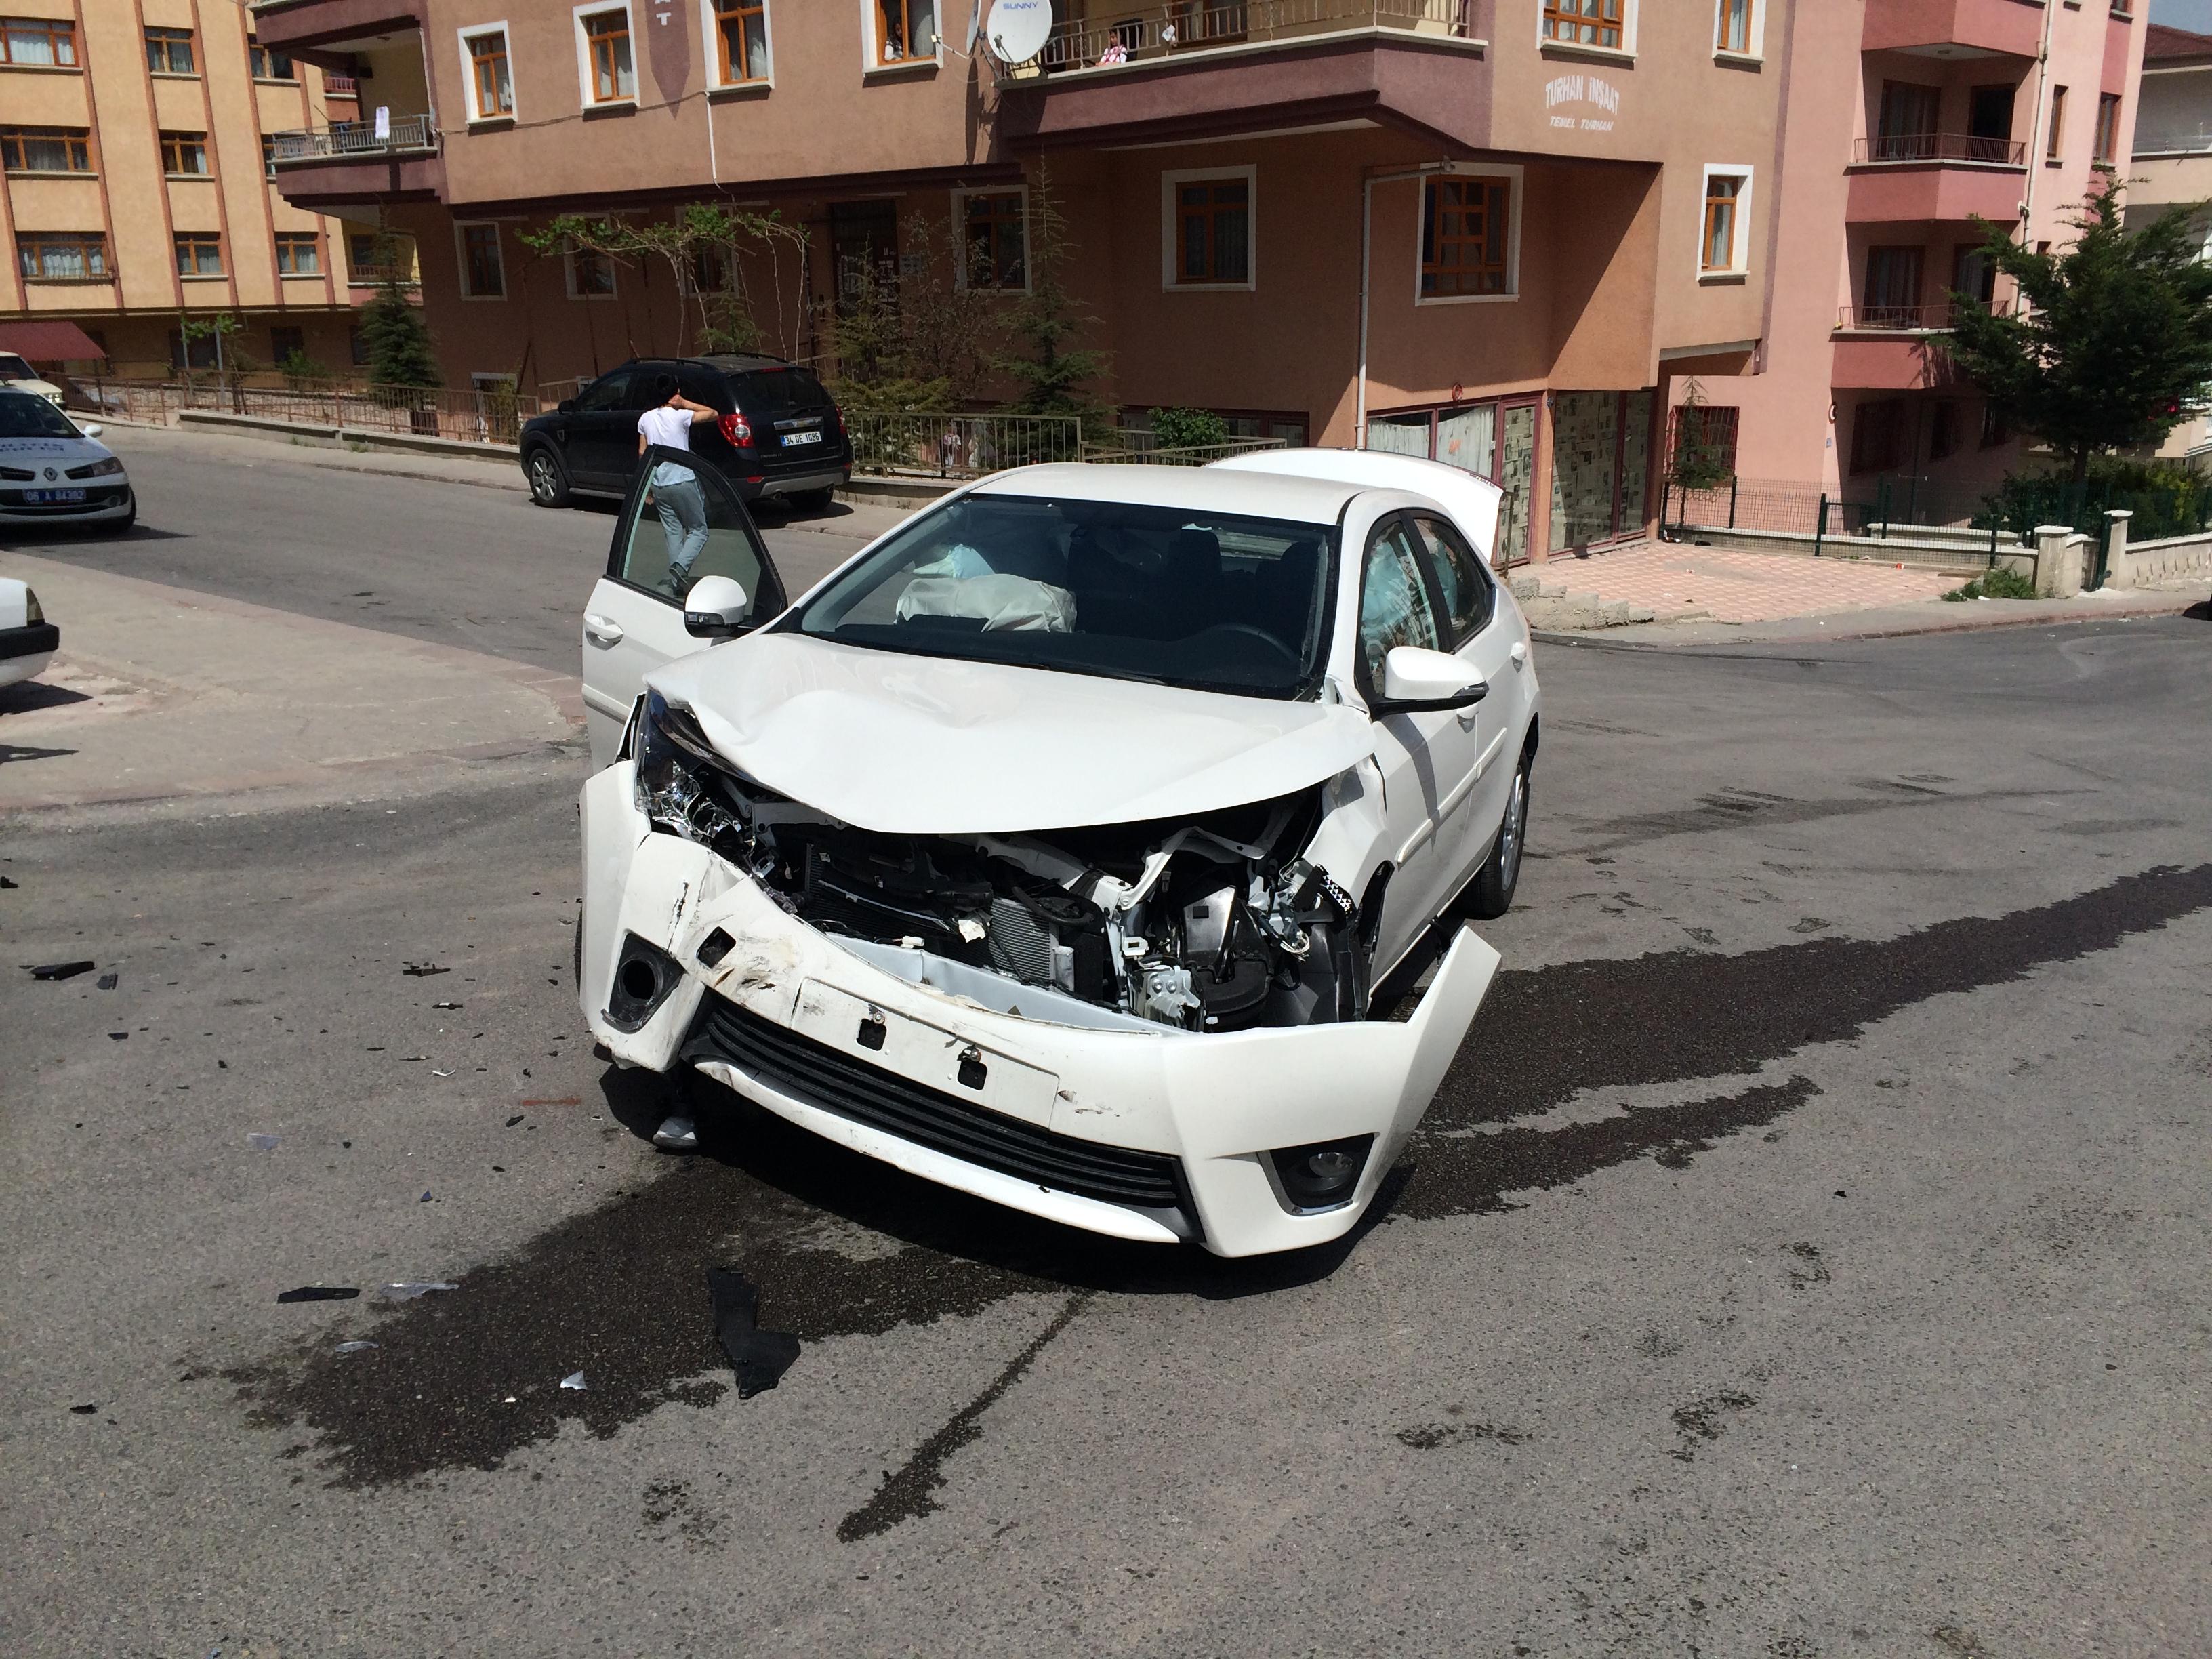 Pin 2013 Toyota Corolla Yeni Sezon Araba Modelleri on Pinterest